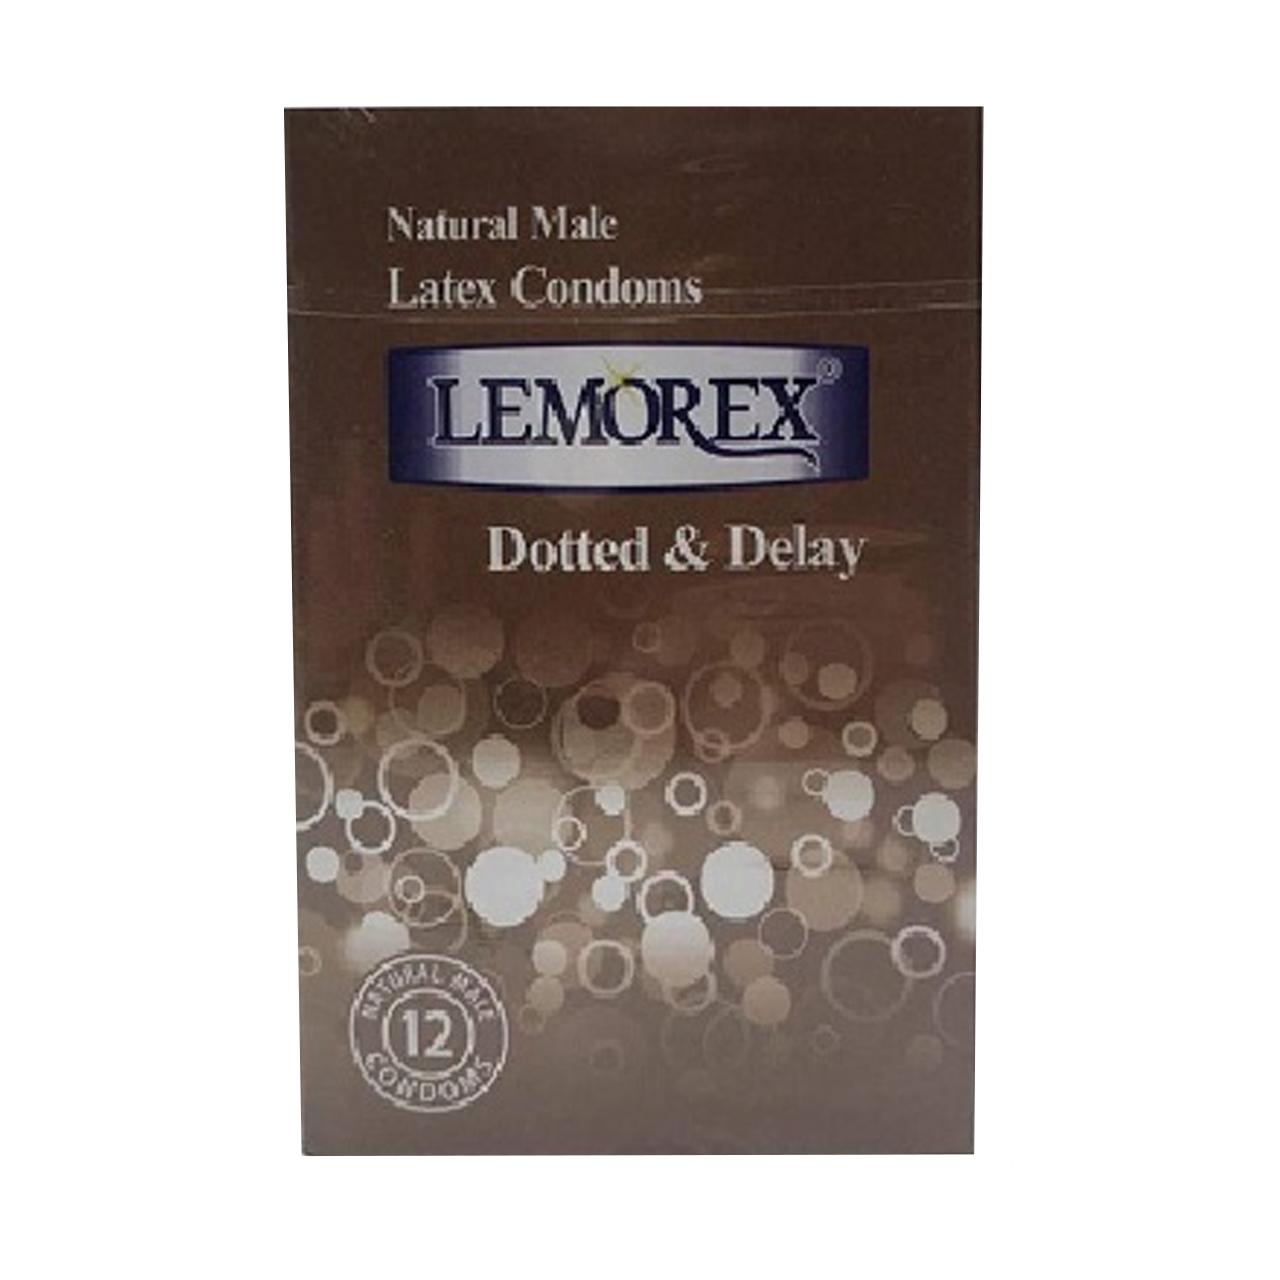 کاندوم لمورکس مدل Dotted & Delay بسته 12 عددی